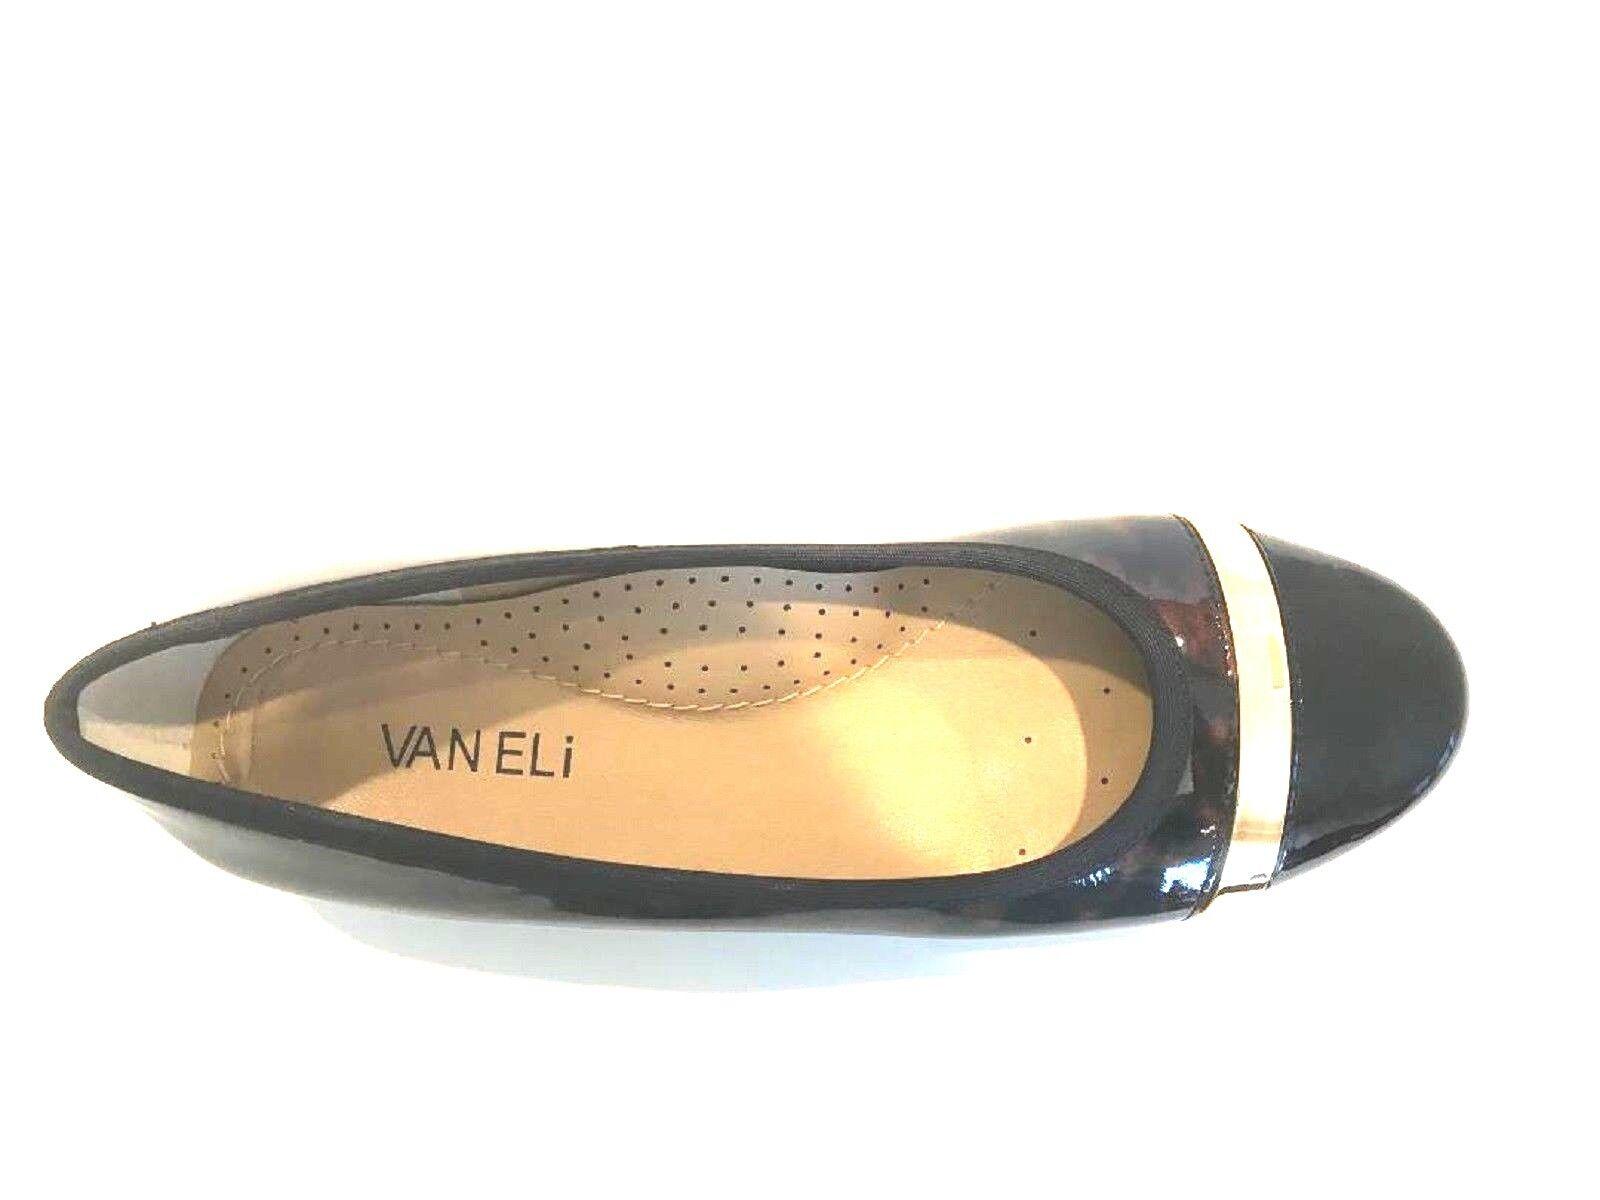 VANELI -'SEBELIE'- Slip-On Flats-Tortoise Pattern Black Leather Leather Leather   Sz. 9 MED  NIB 1b3eac